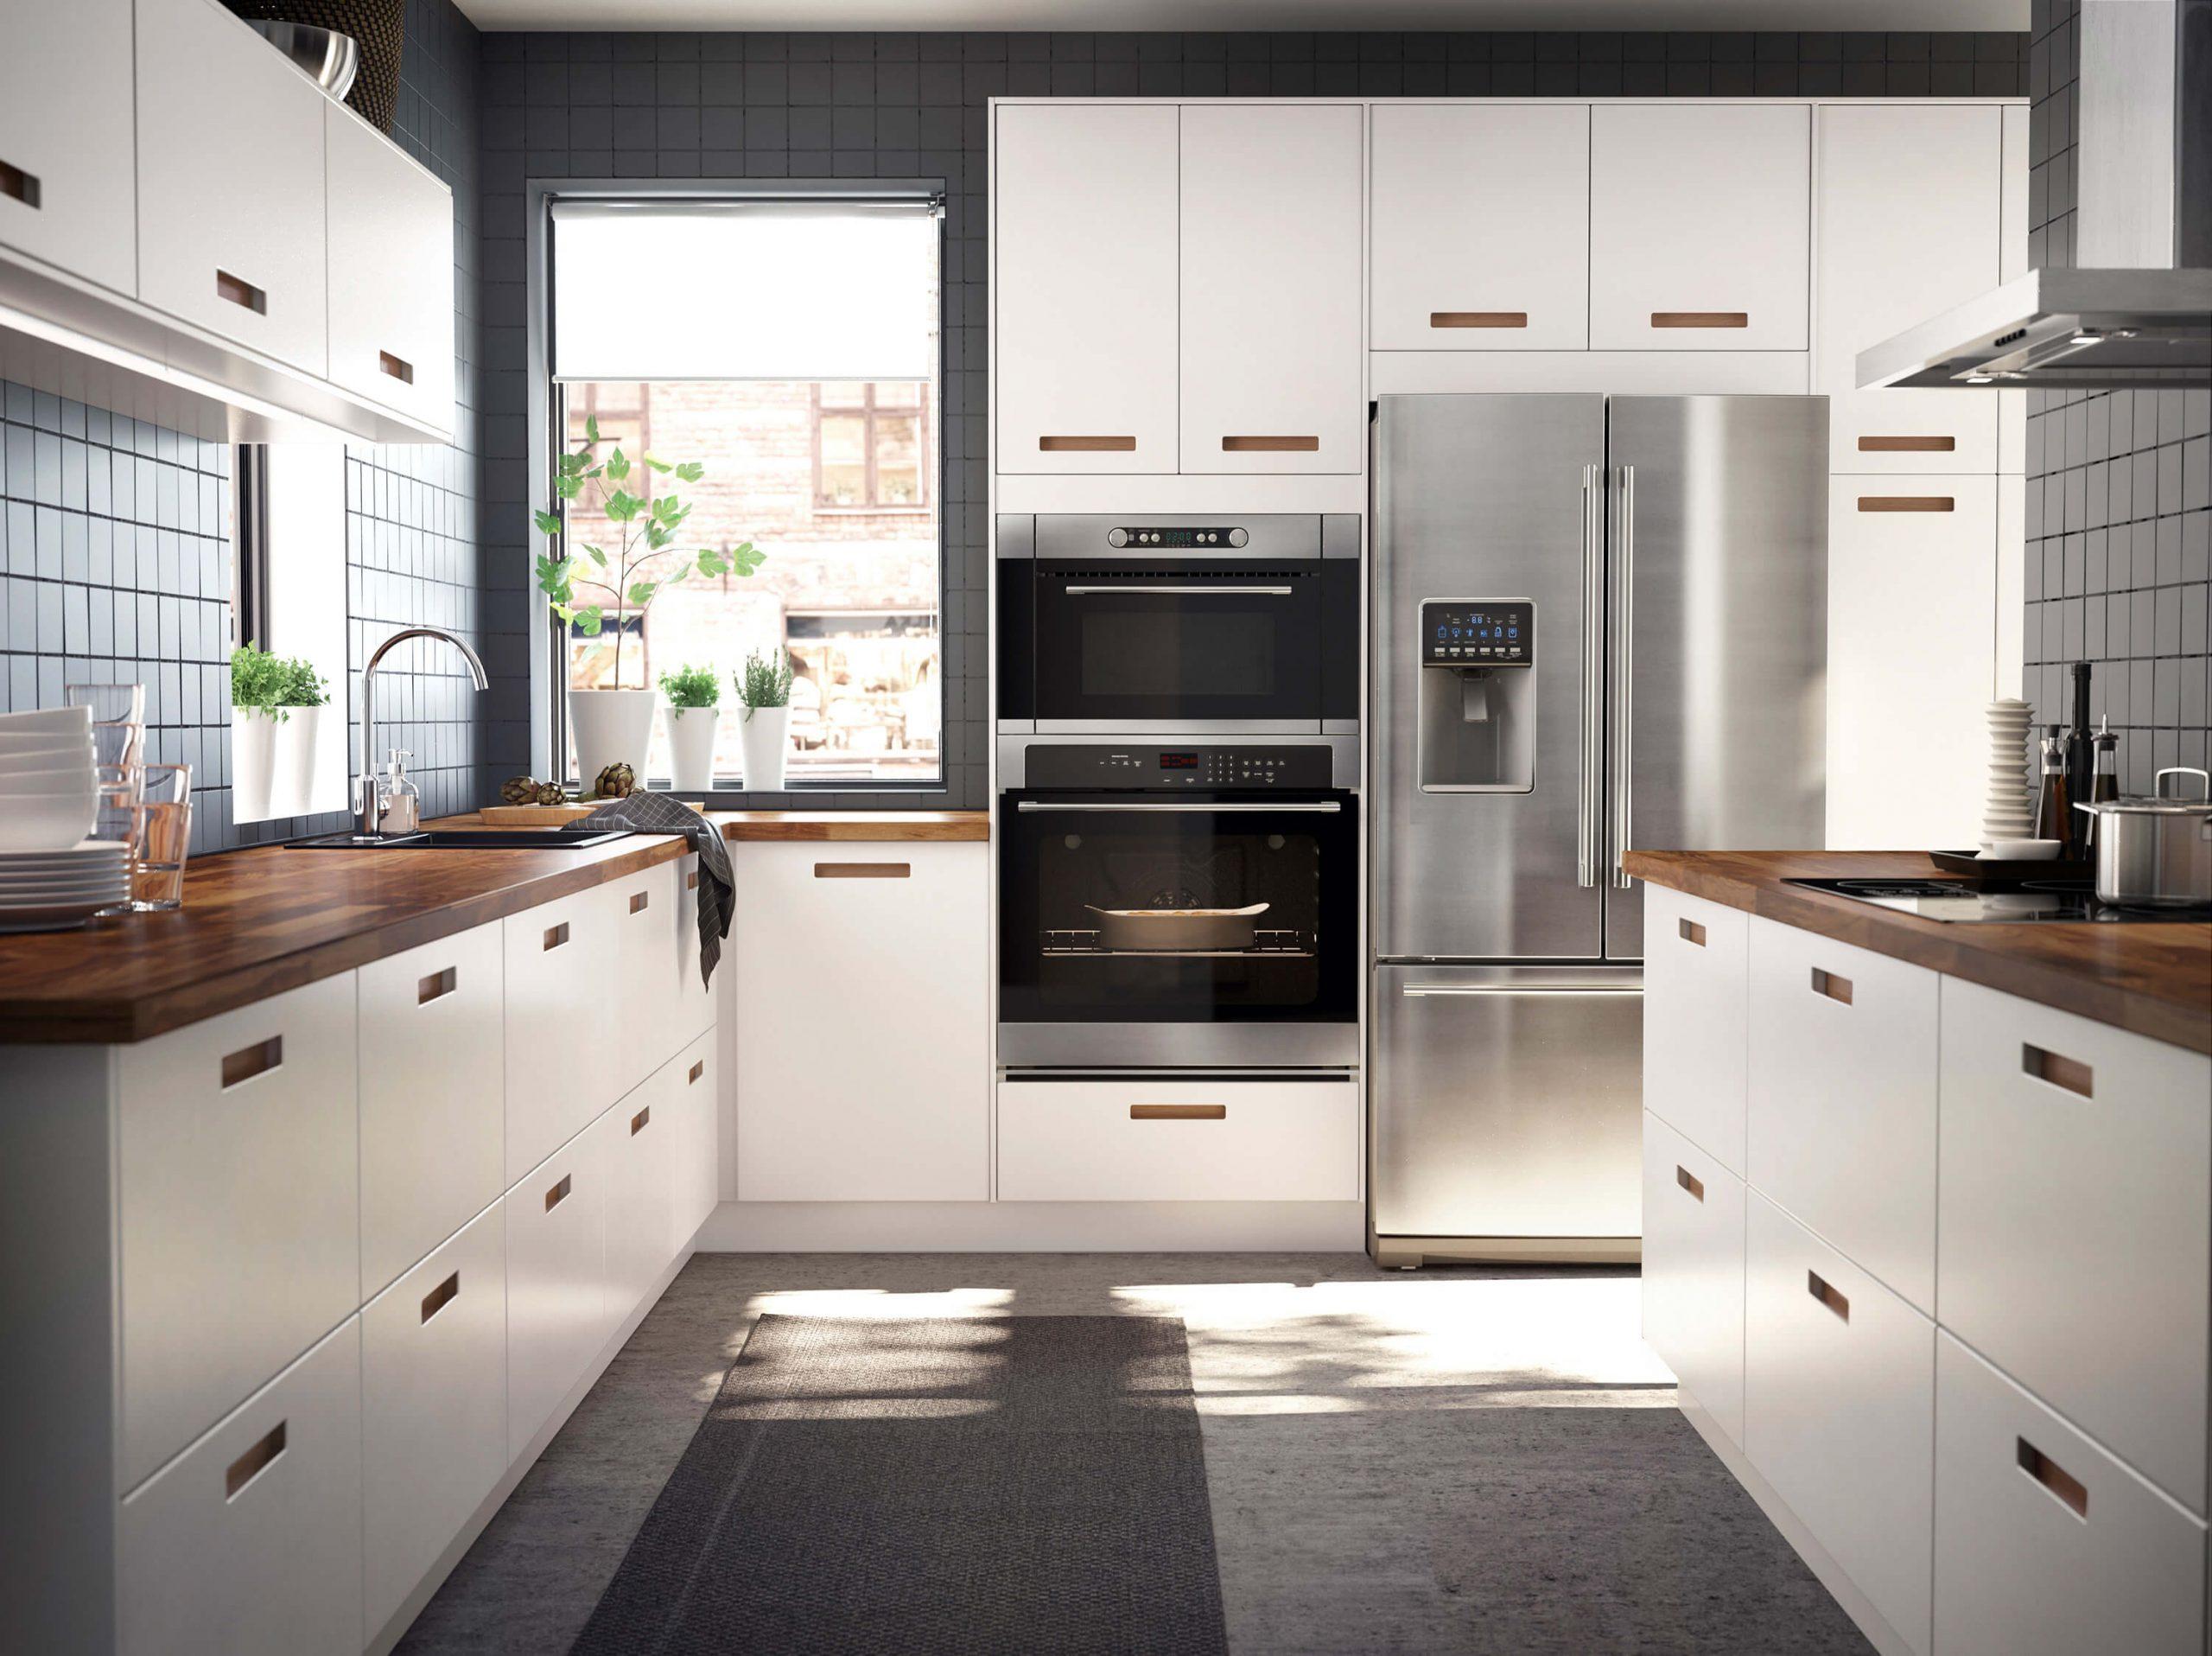 Full Size of Komplettküche Kaufen Komplettküche Mit Geräten Günstig Kleine Komplettküche Roller Komplettküche Küche Komplettküche